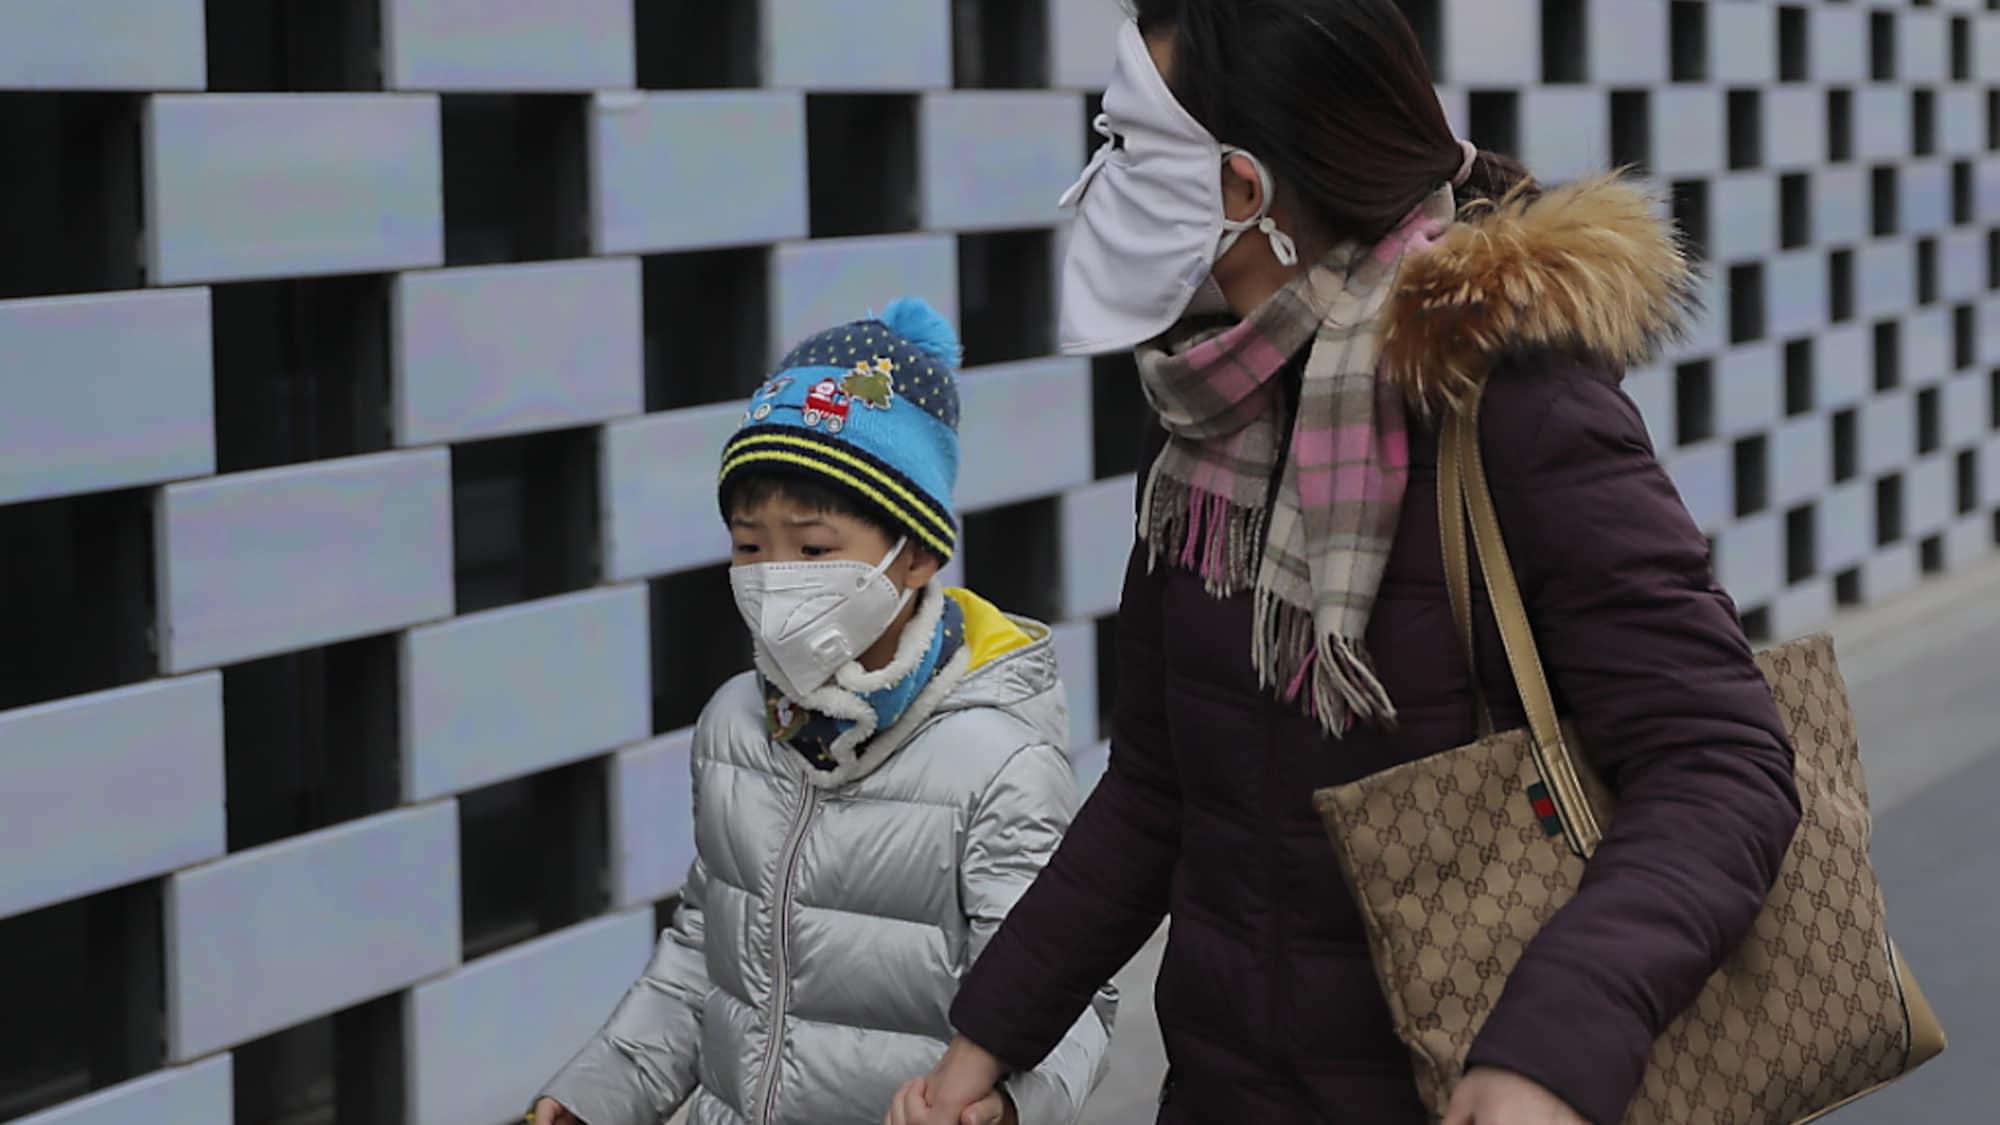 Coronavirus: Bericht: Mittlerweile 55 Tote durch Coronavirus in China